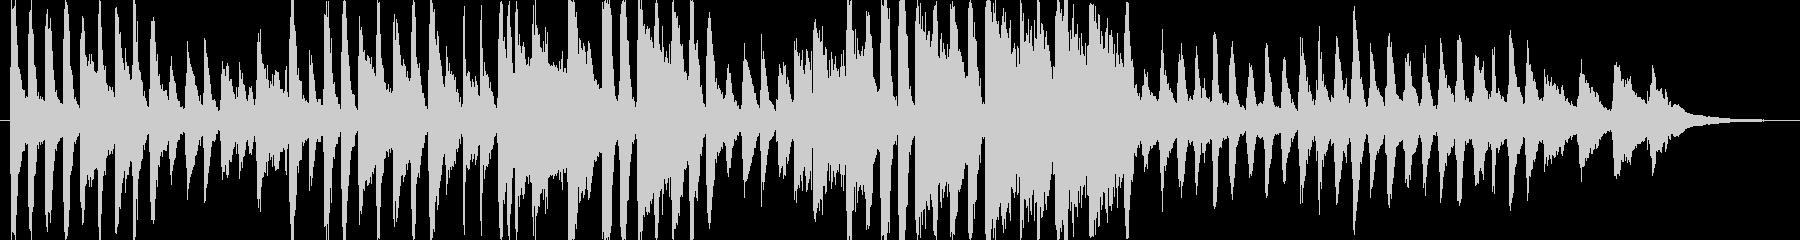 ジングル - ニコニコスマイルの未再生の波形